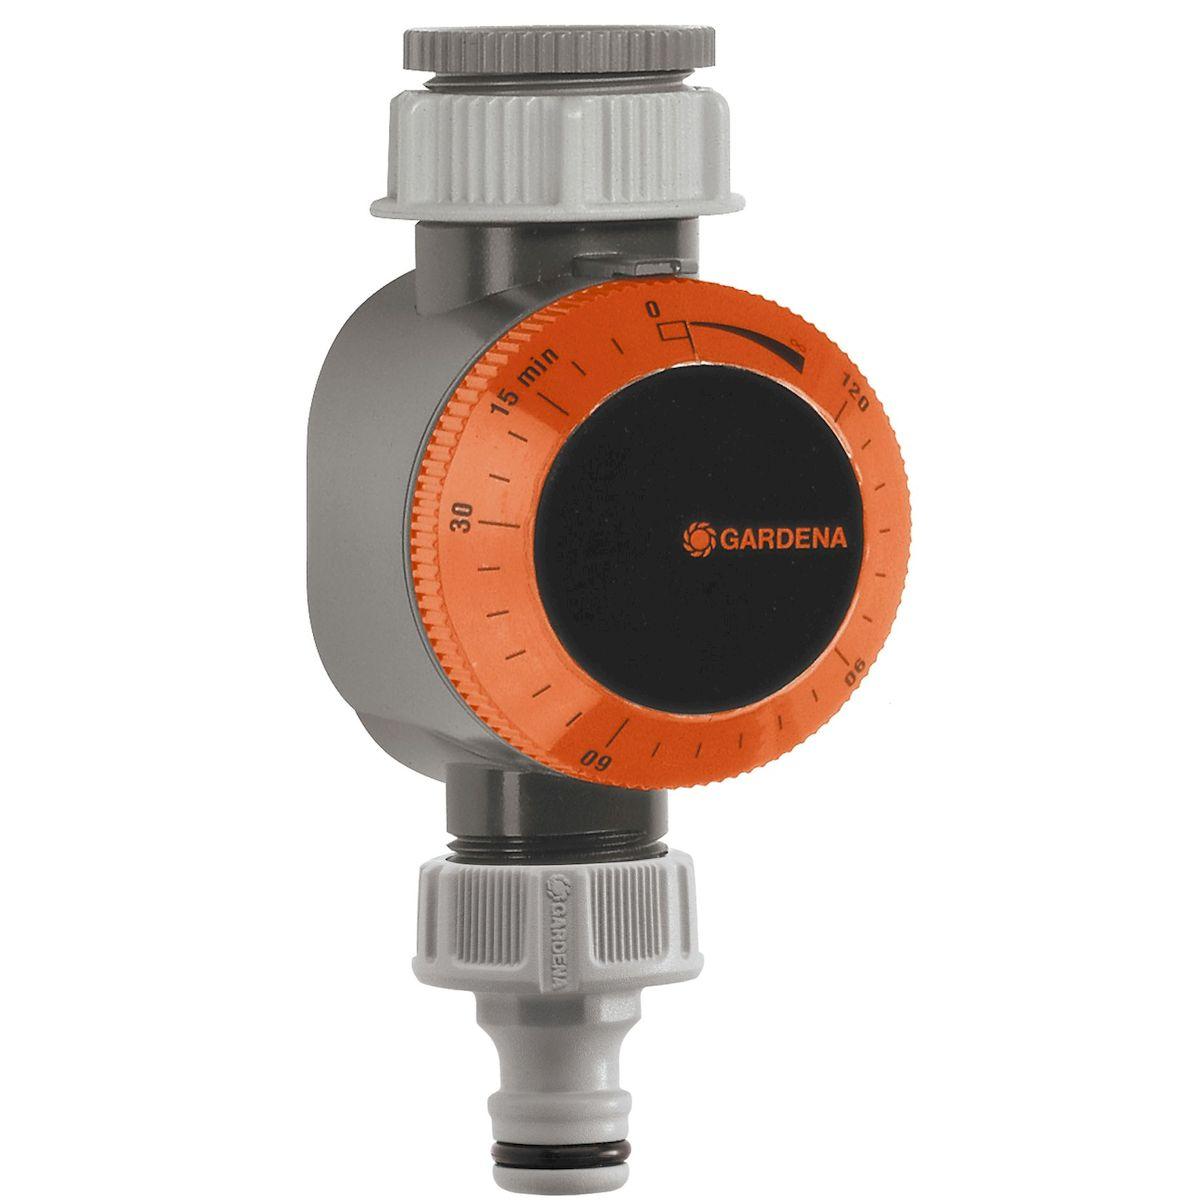 Таймер подачи воды Gardena106-026Таймер подачи воды Gardena крепится к водопроводному крану и используется для автоматического выключения используемой вами системы полива, например, дождевателей или Системы Микрокапельного полива. По окончании программирования таймер сразу включает поливочное устройство и выключает его в заданное время. Предусмотрена возможность установки режима постоянного расхода воды. Для работы таймера батарейки не требуются. Продолжительность полива 5-120 мин;Электропитание - механическое; Рабочее давление - 0.5 - 12 бар; Соединительная резьба для водопроводного крана 26,5 мм (G 3/4), 33,3 мм (G 1).